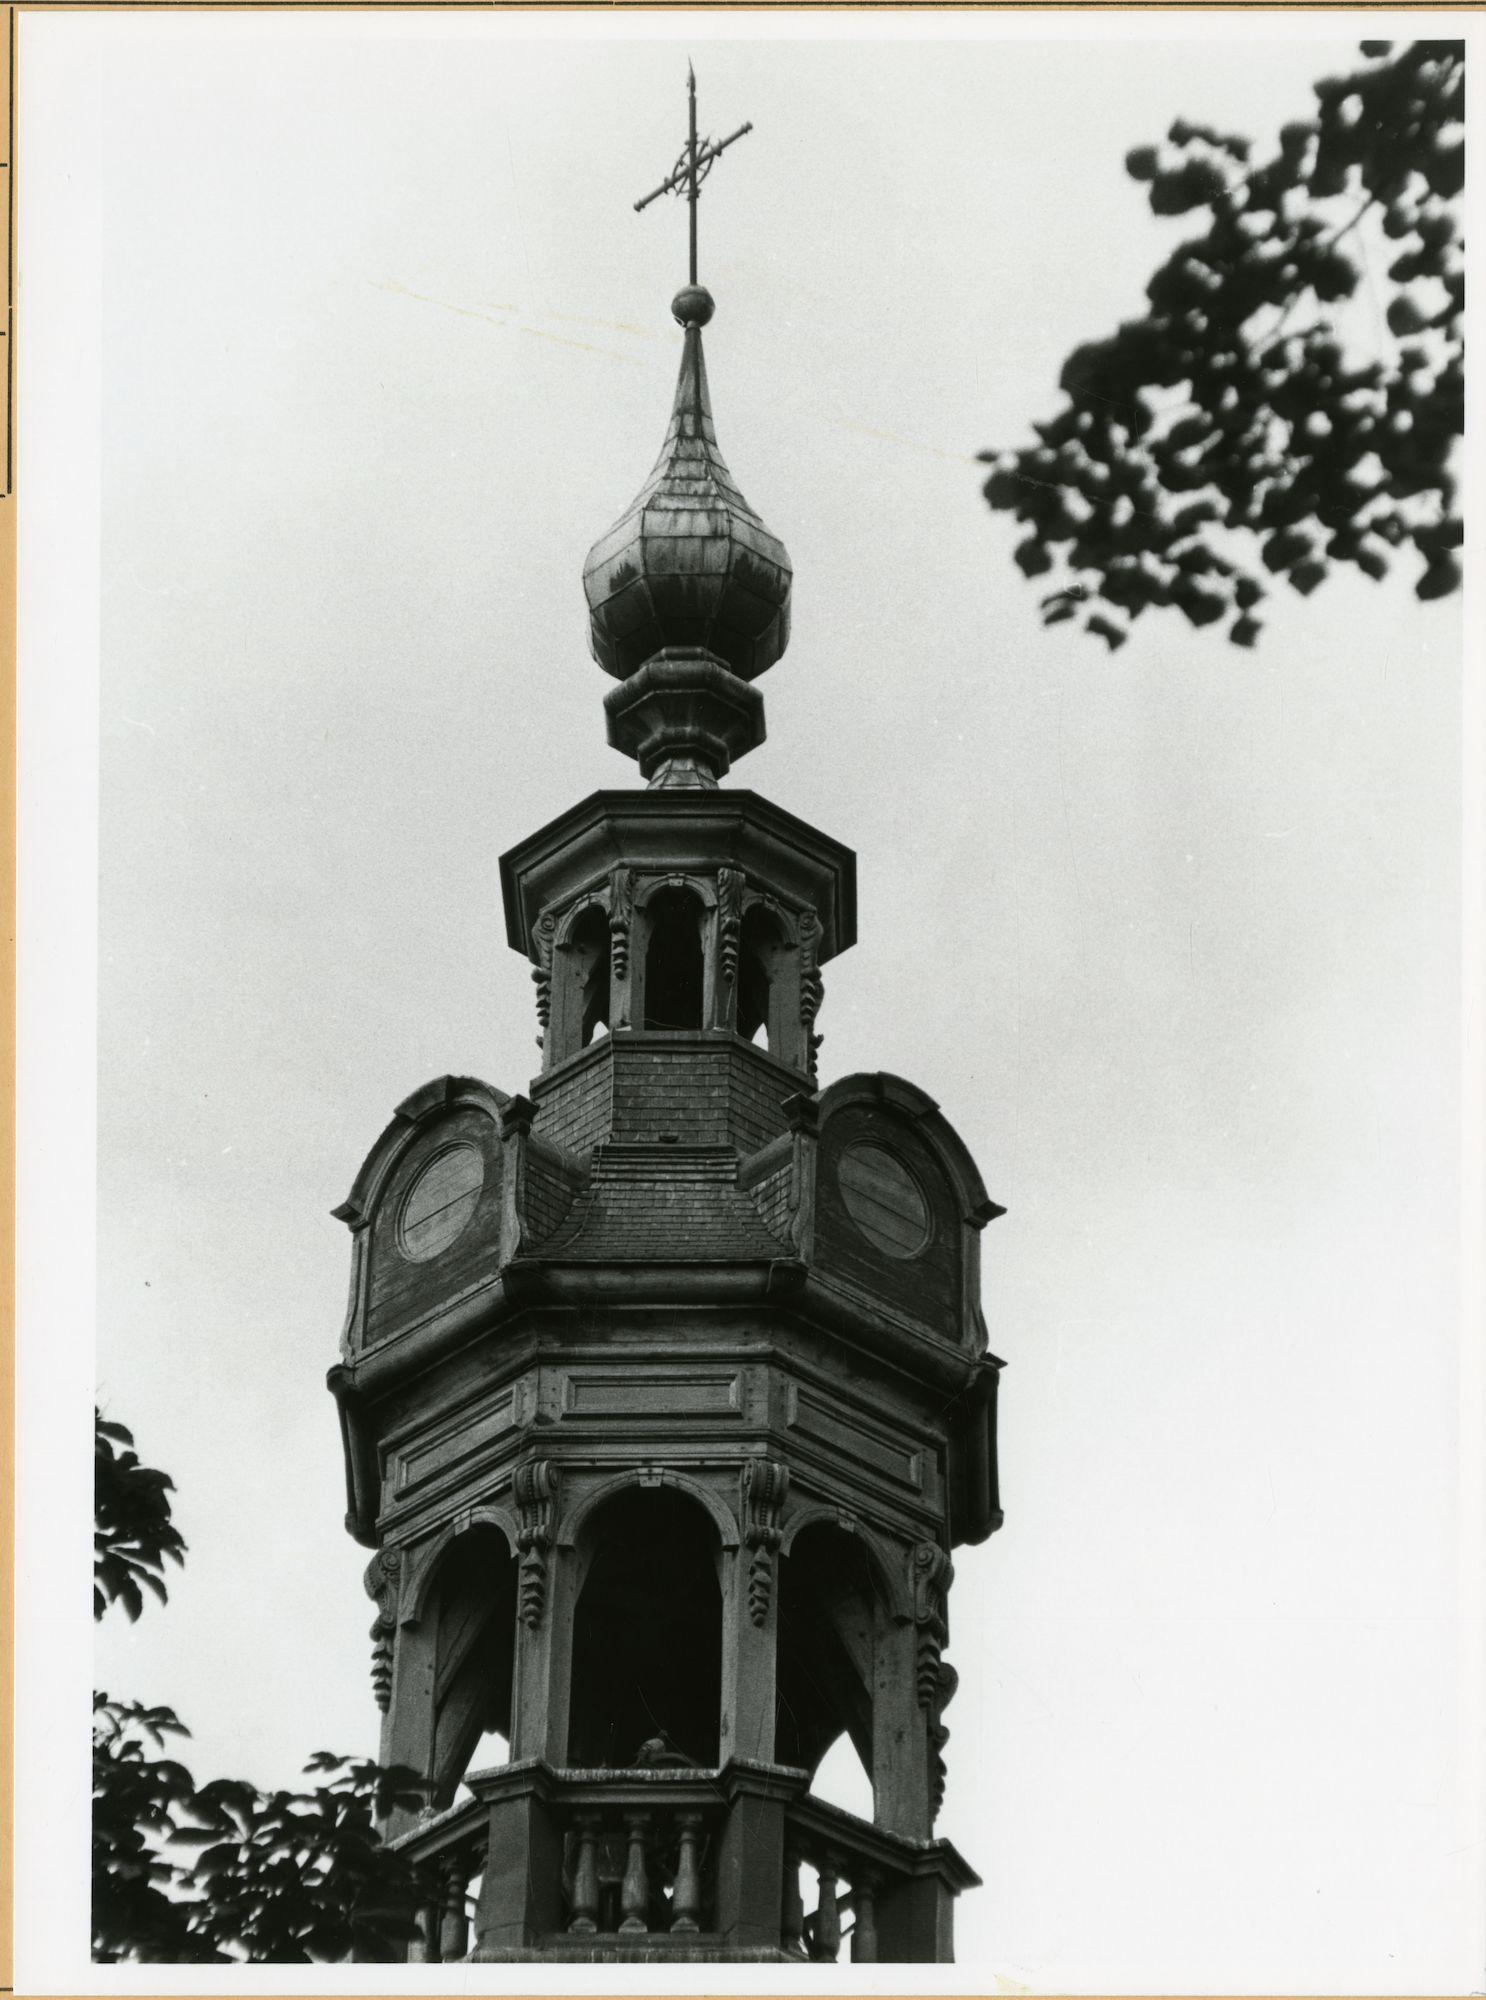 Gent: Begijnhofdries: Sint-Elisabethkerk: kerktoren